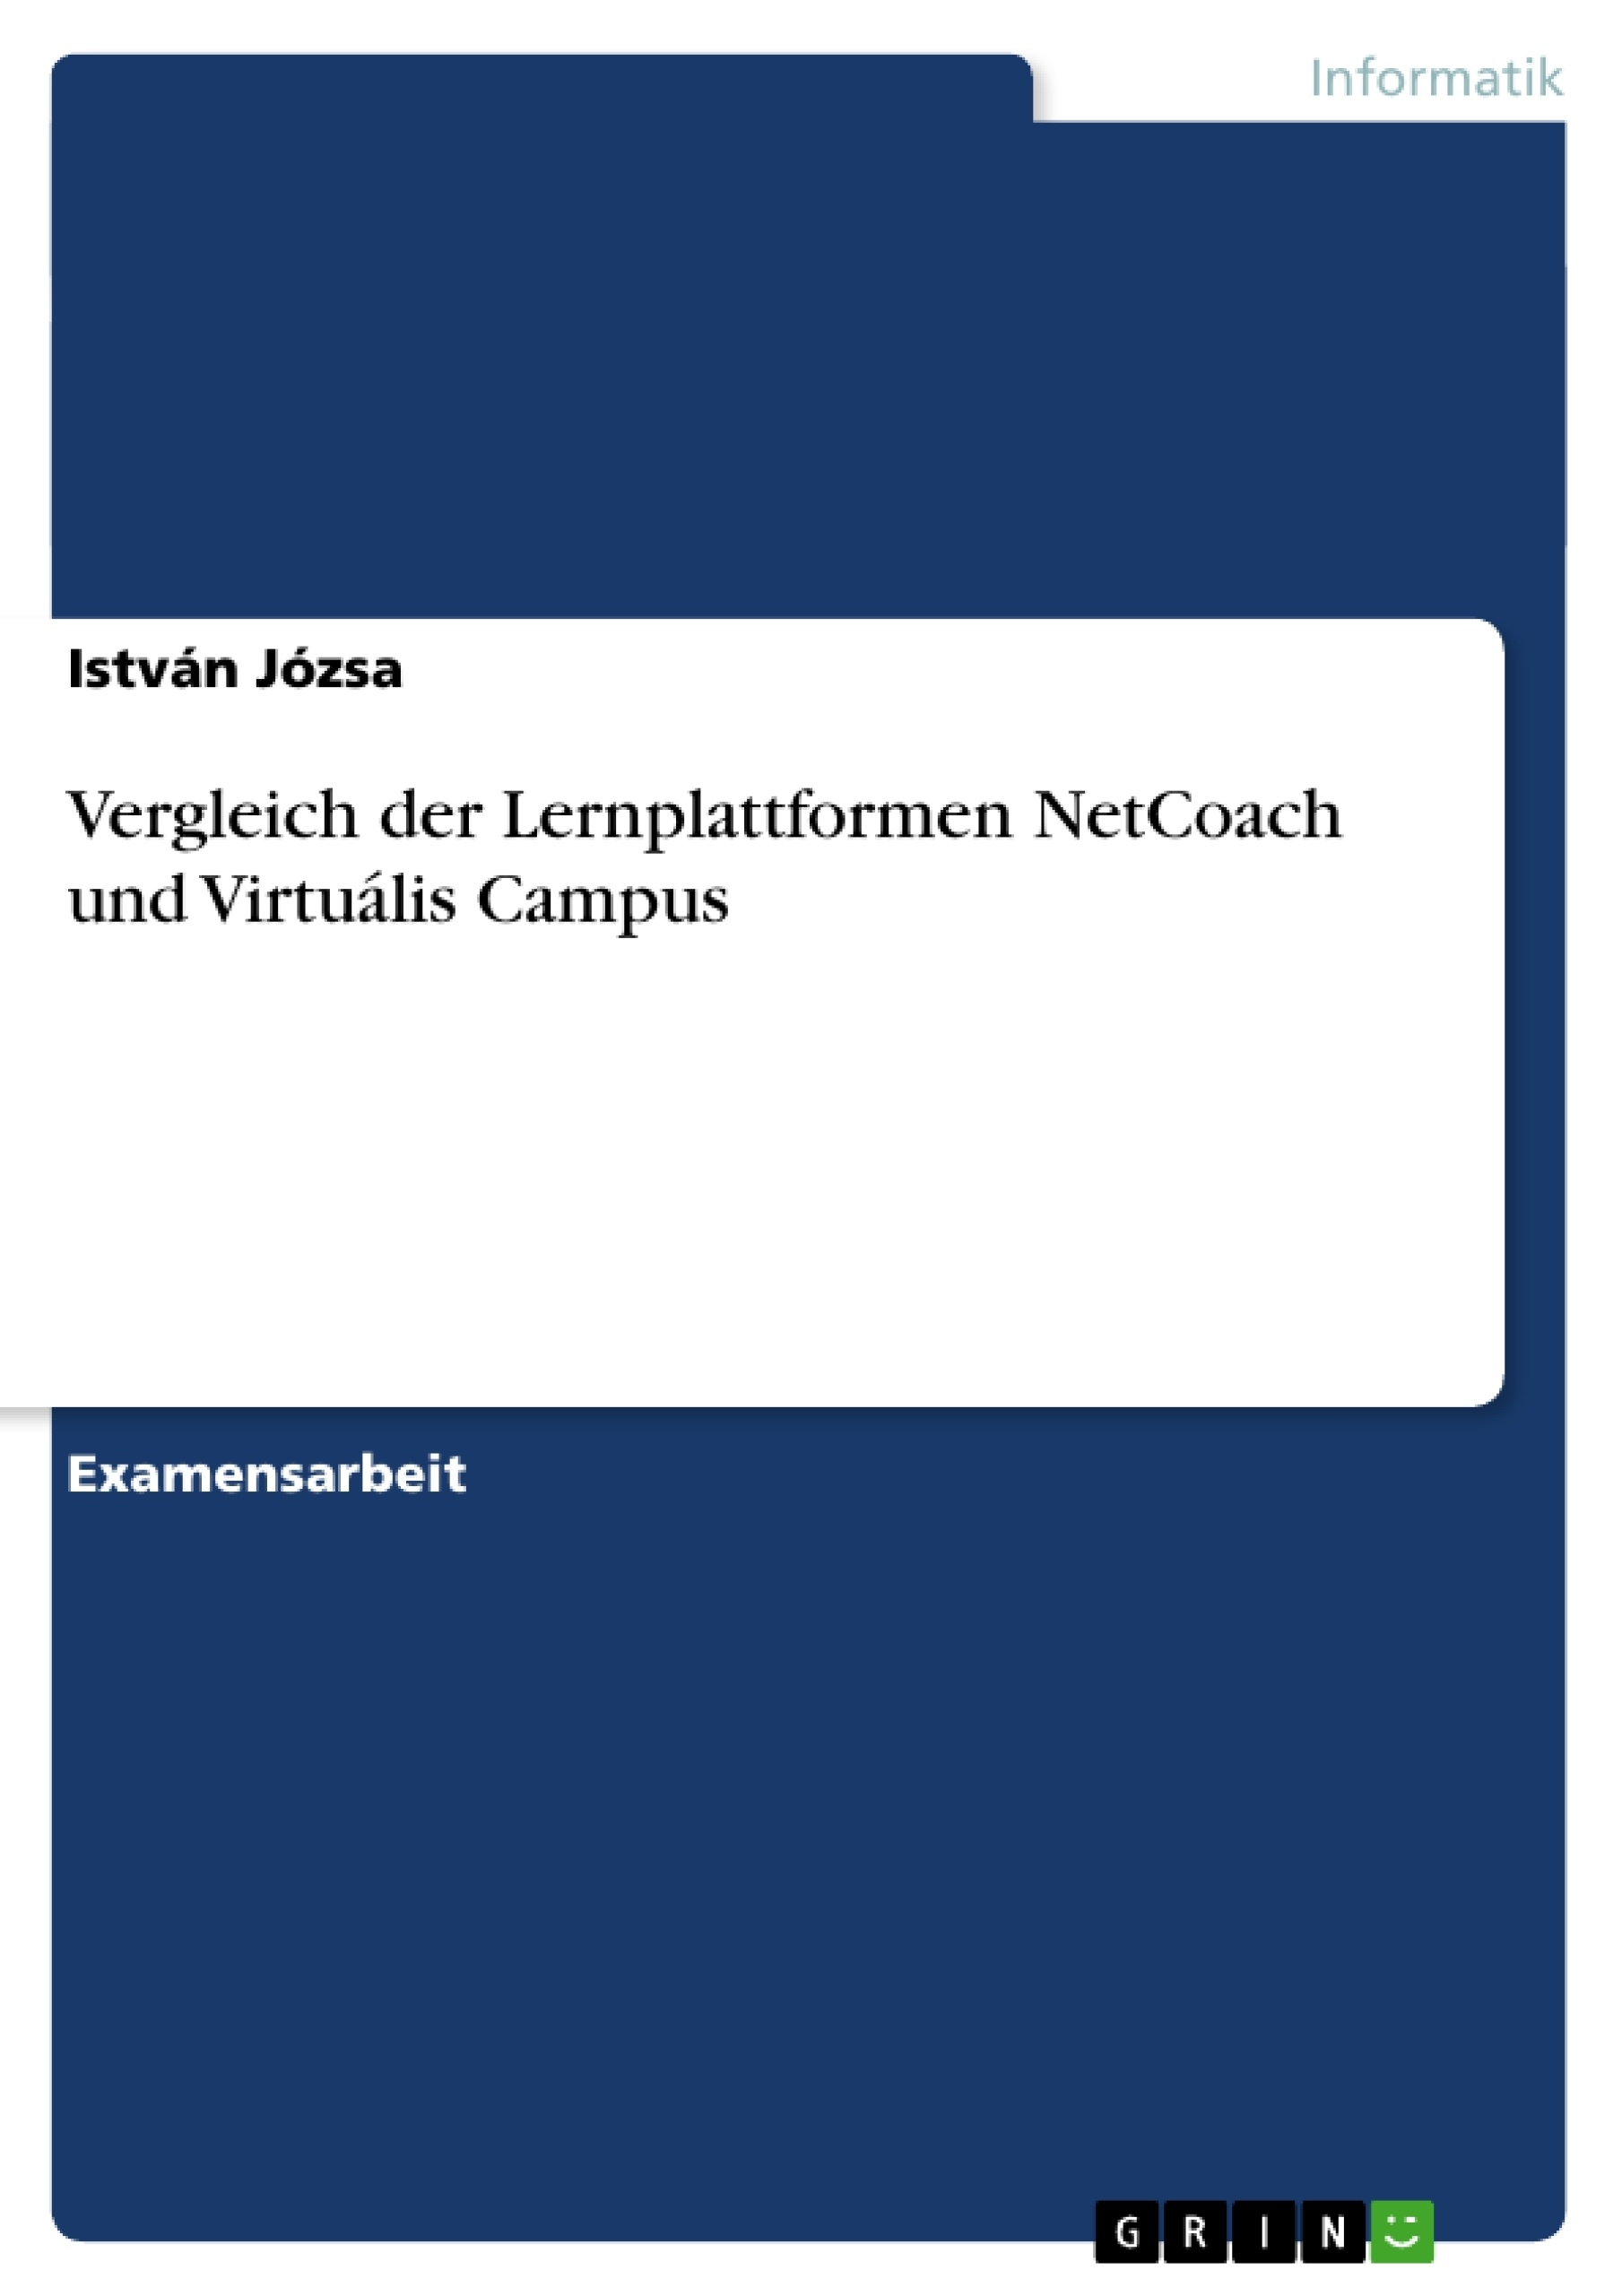 Titel: Vergleich der Lernplattformen NetCoach und Virtuális Campus